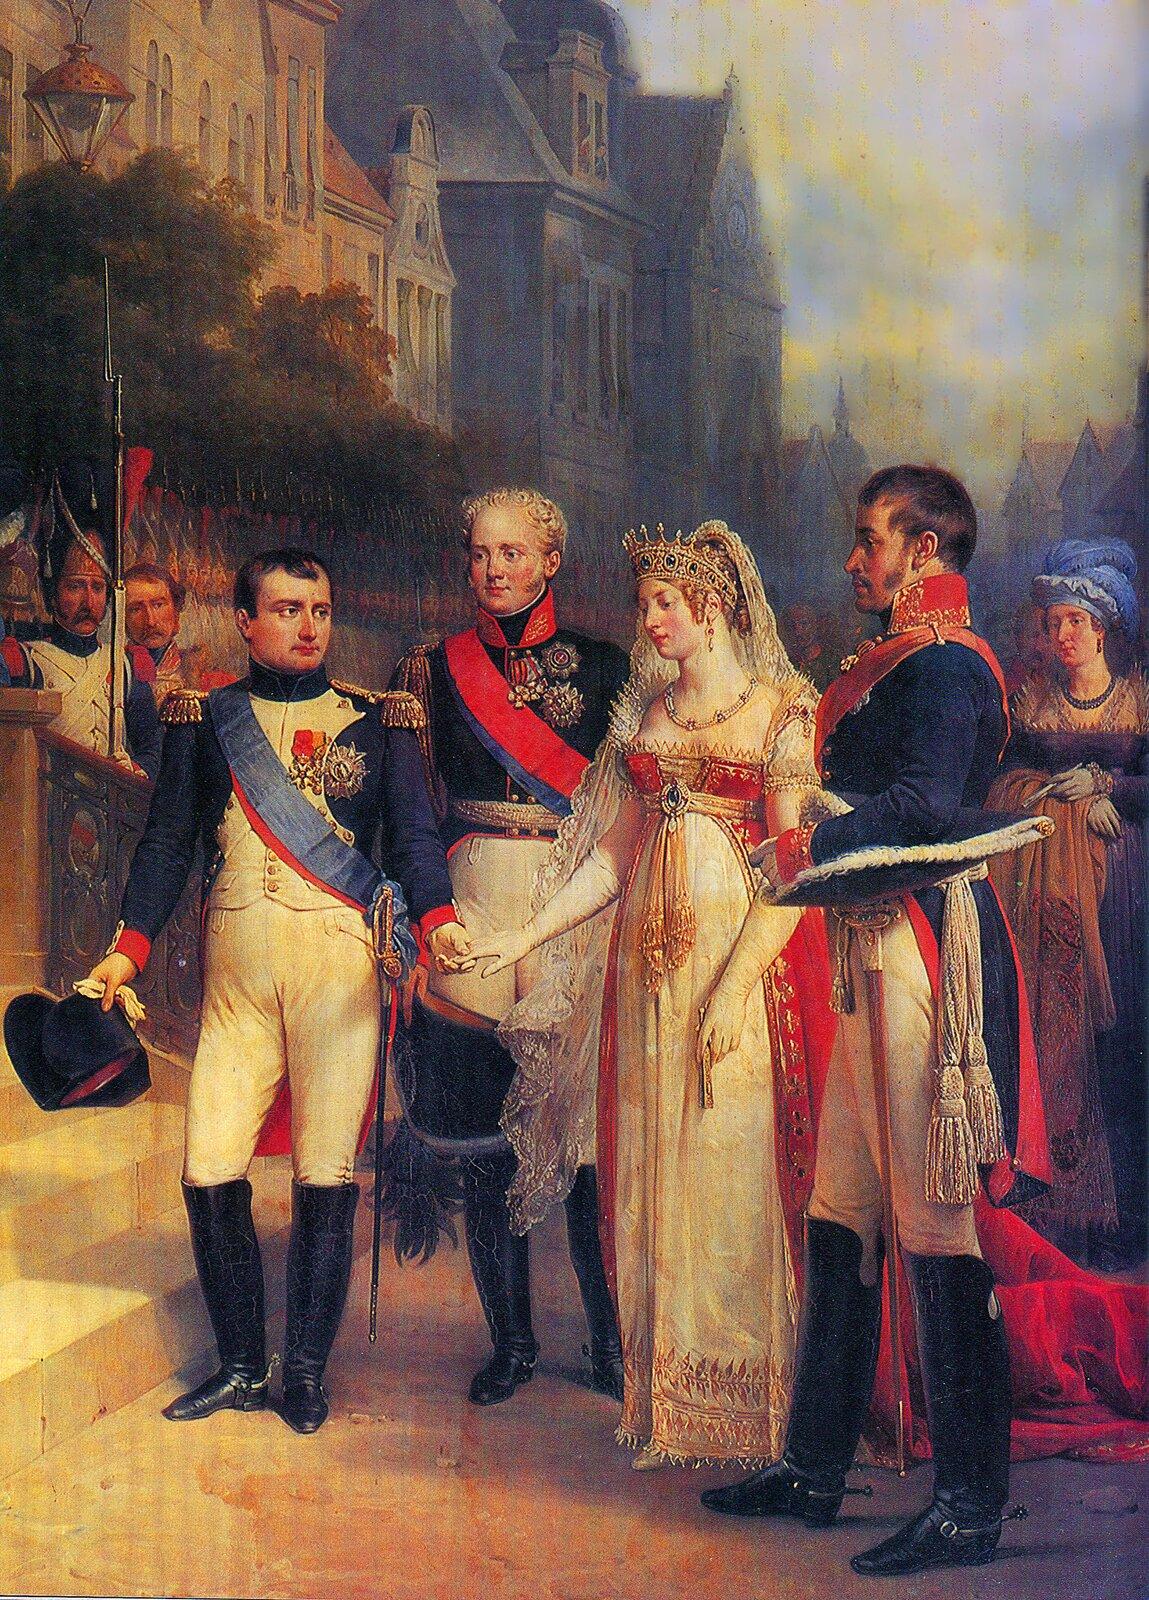 Tylża 1807, fragment obrazu Źródło: Nikolas Gosse, Tylża 1807, fragment obrazu, domena publiczna.